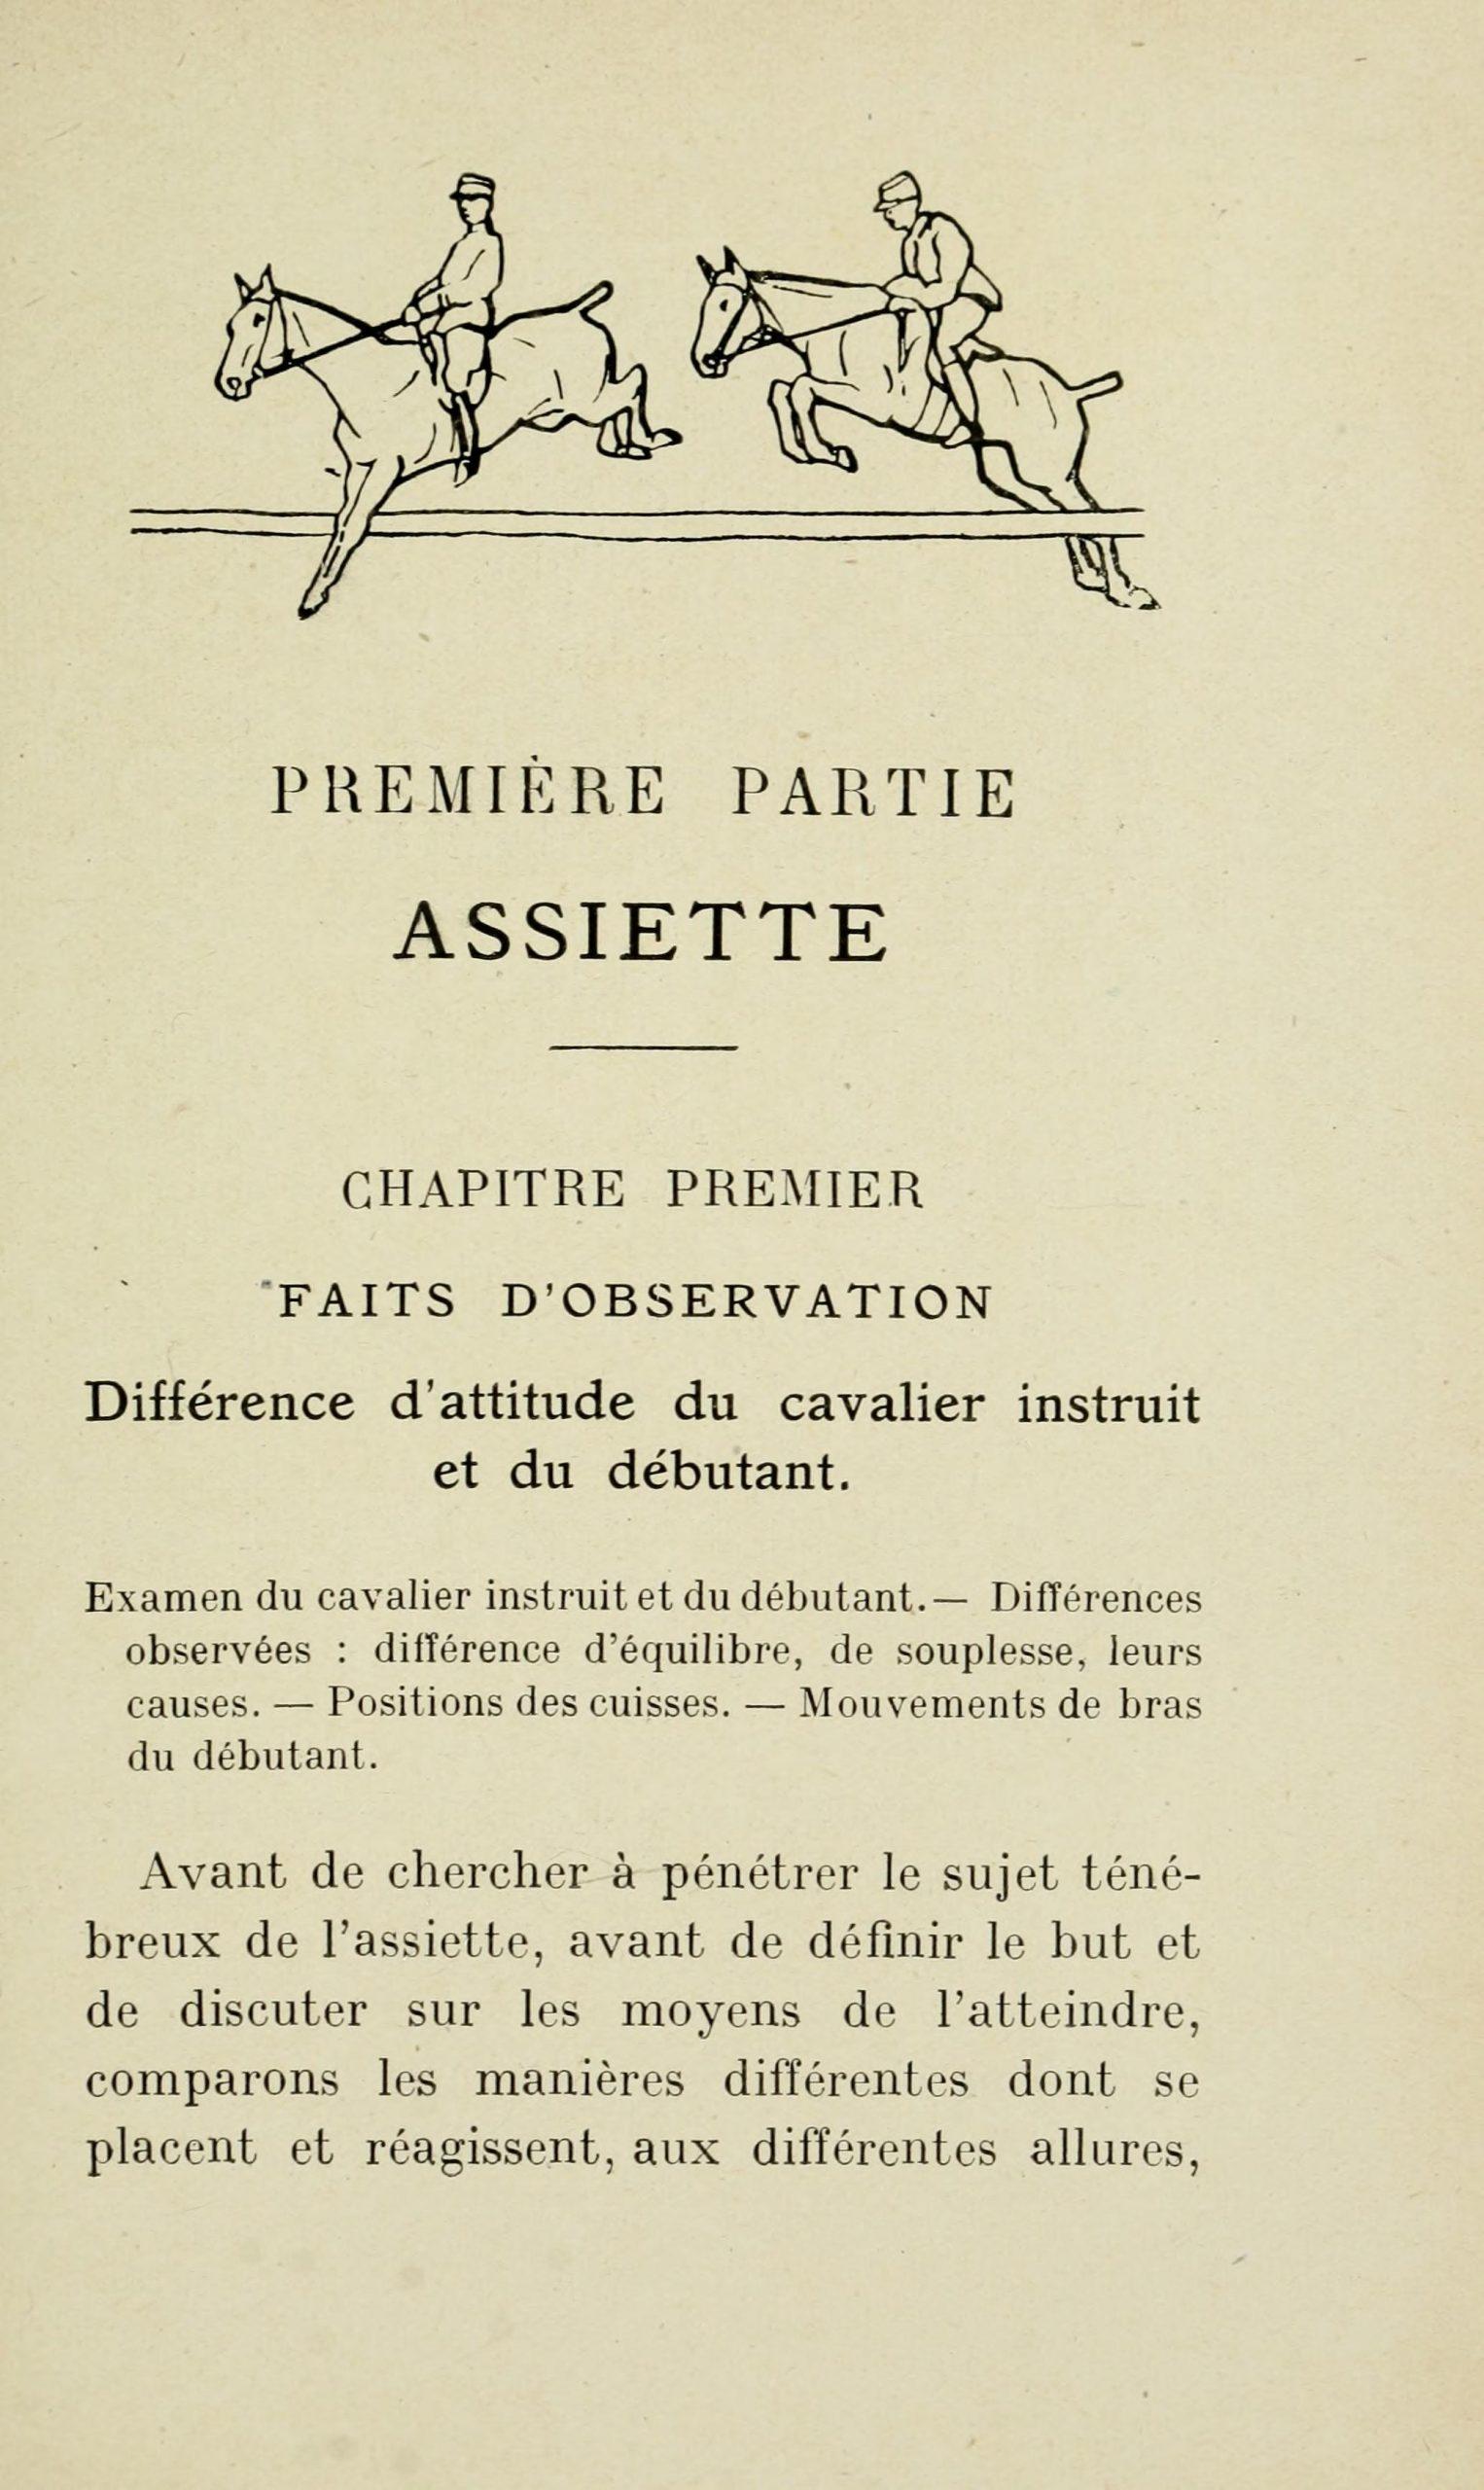 File:assiette, Allures Et Réactions Bhl21358800 destiné Chercher Les Differences